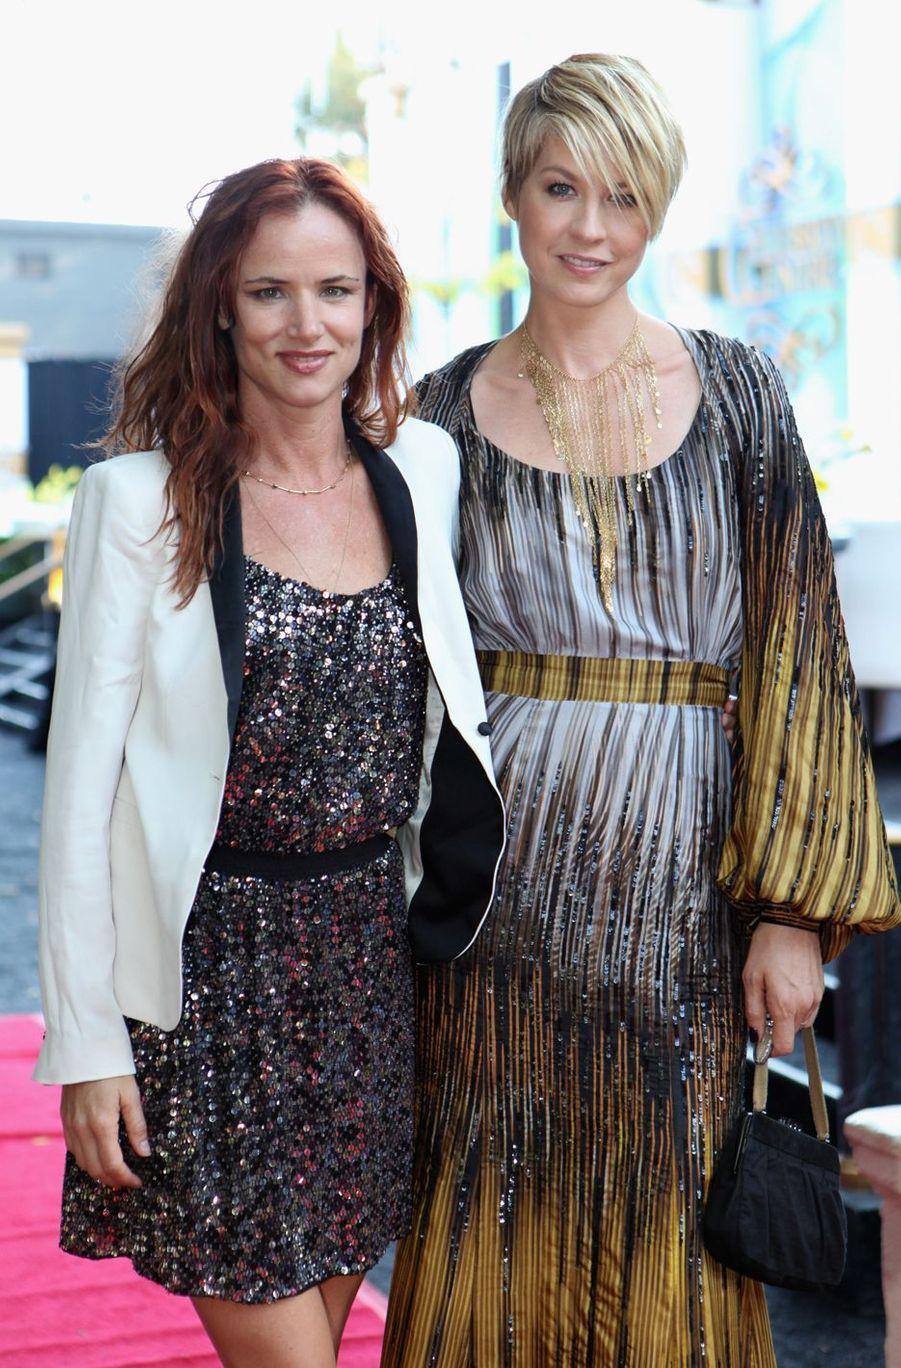 Juliette Lewis au côté de Jenna Elfman en 2011. L'actrice a rejoint l'organisme il y a près de trois décennies.